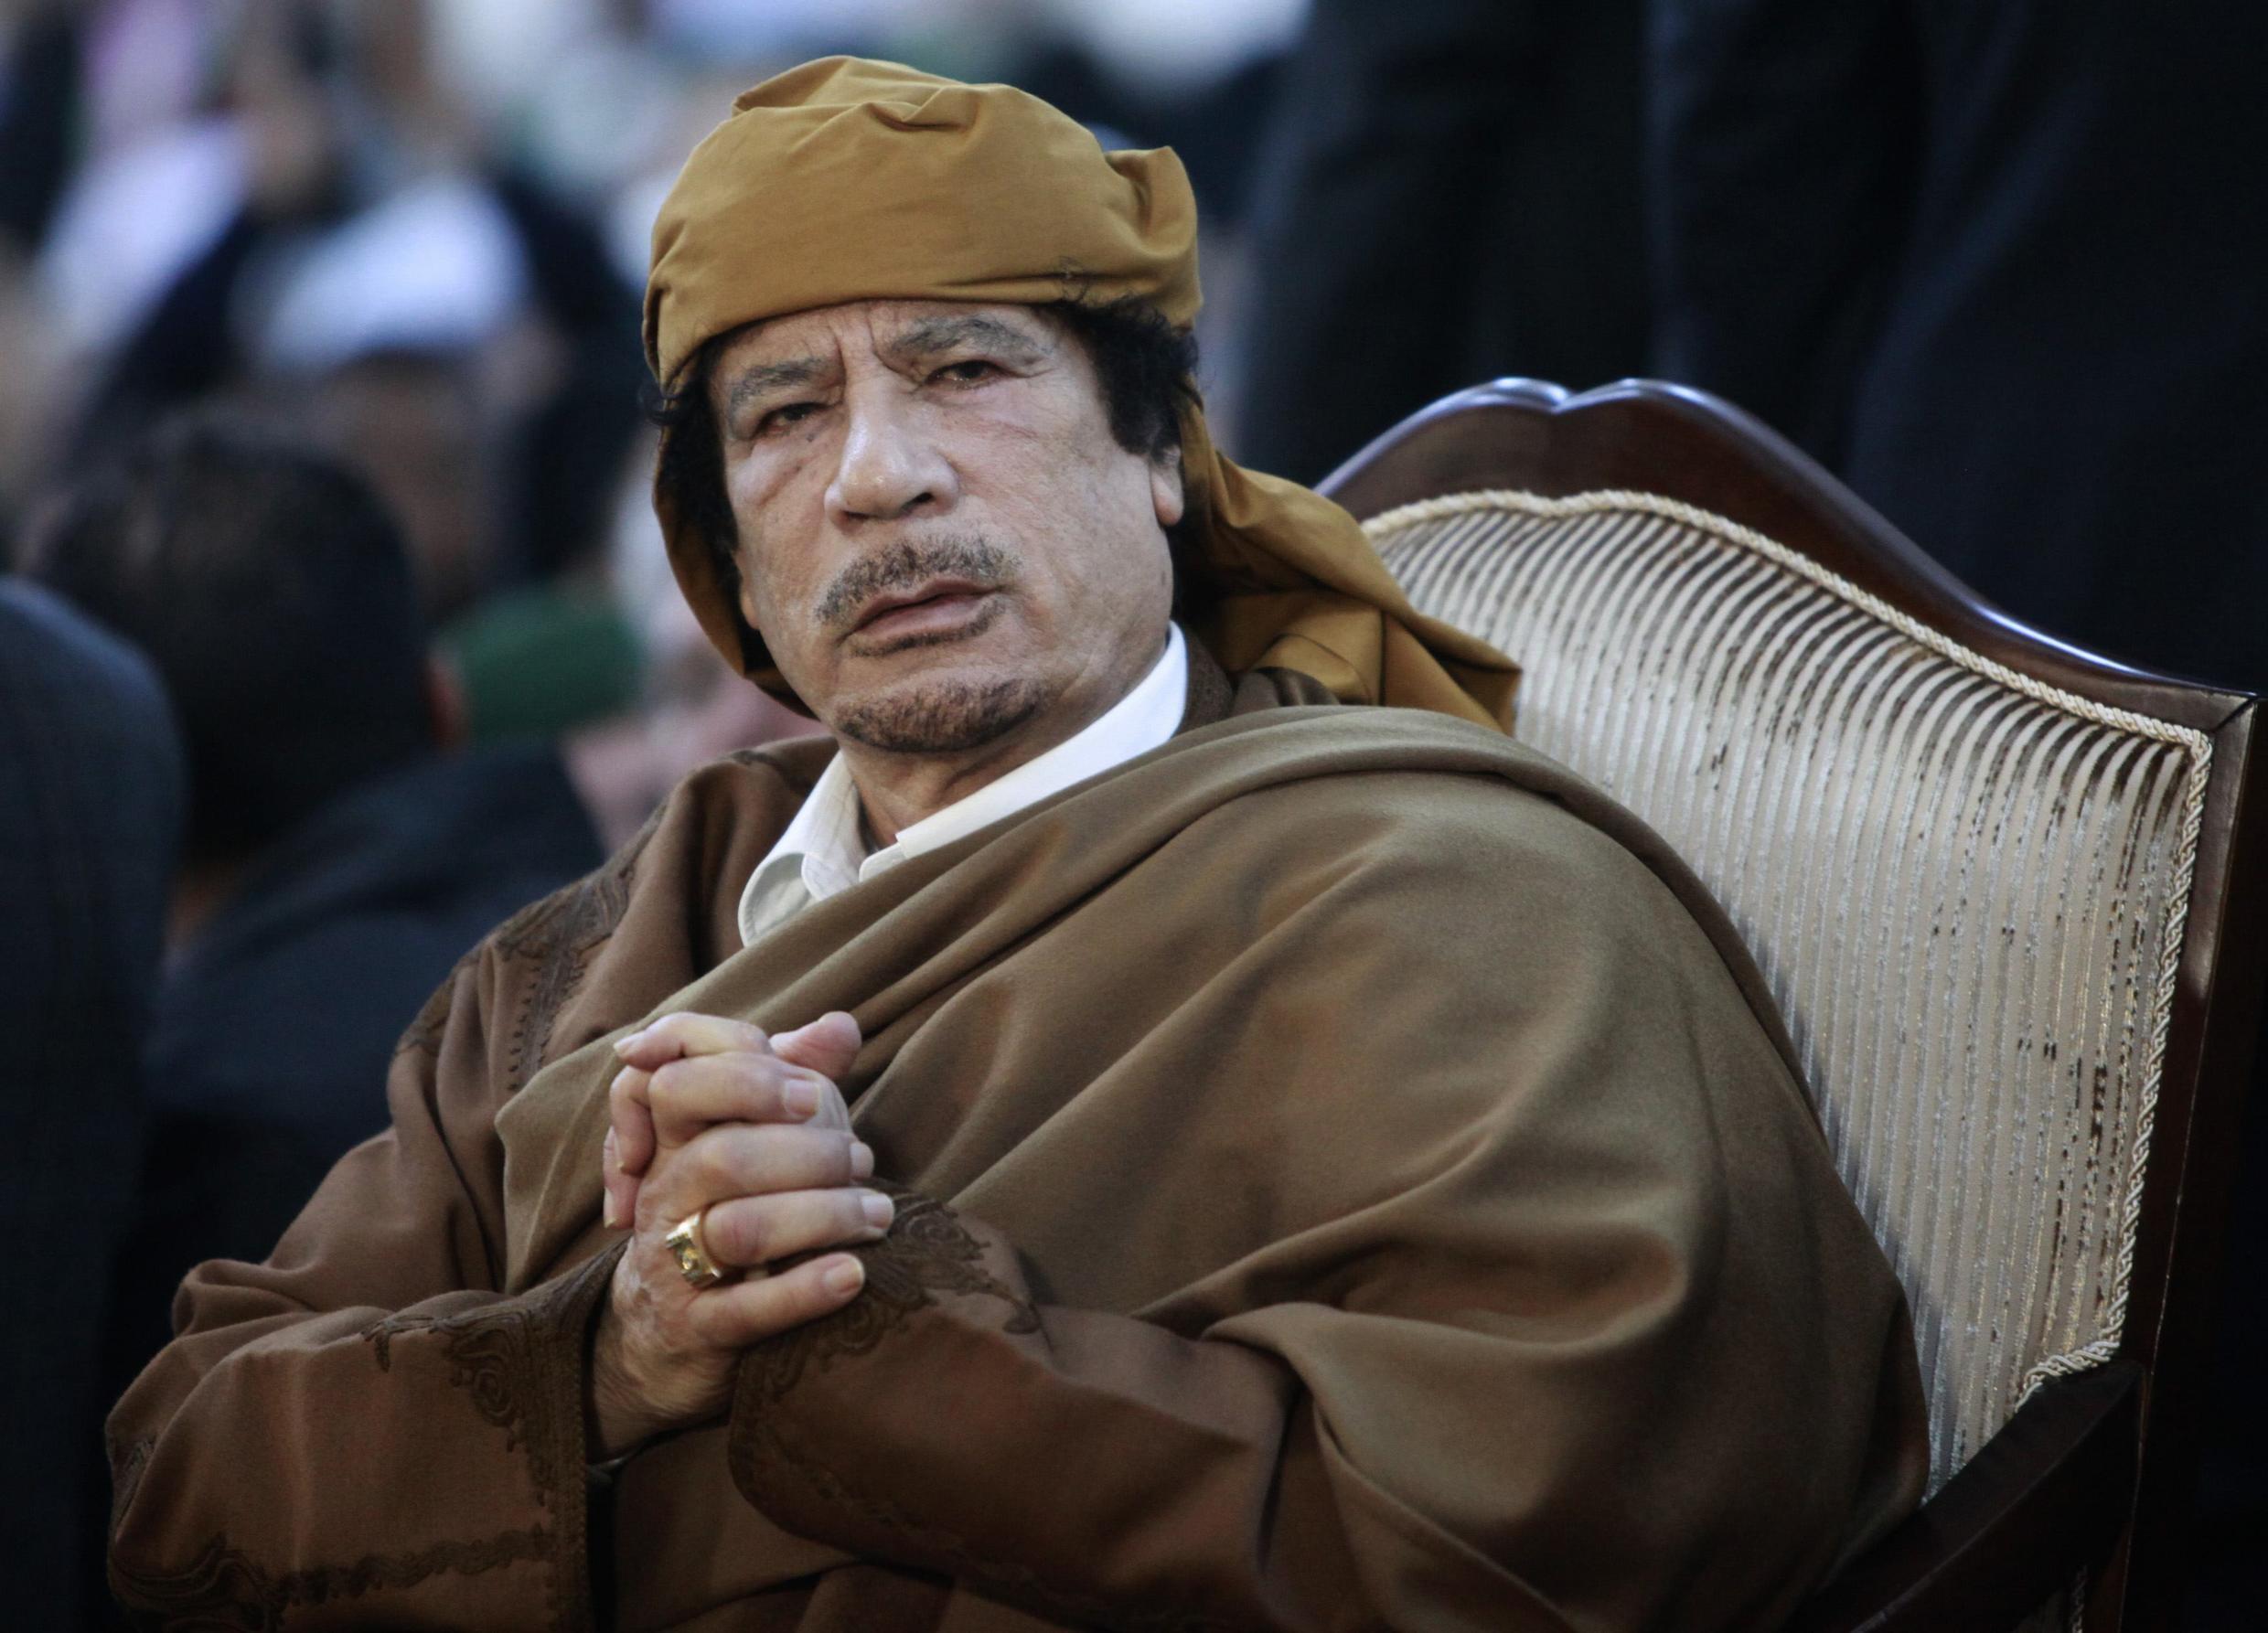 """O  ex-líder líbio, Muammar Kadhafi,  aqui em Fevereiro  de 2011. Ele  foi detido e morto, em Sirto sua cidade  natal, no dia 20 de Outubro de 2011, na sequência  das revoltas populares inspiradas pela chamada """"primavera árabe""""  iniciada em  2011  na Tunísia. Dez anos depois da sua morte, a Líbia está confrontada com um futuro incerto."""